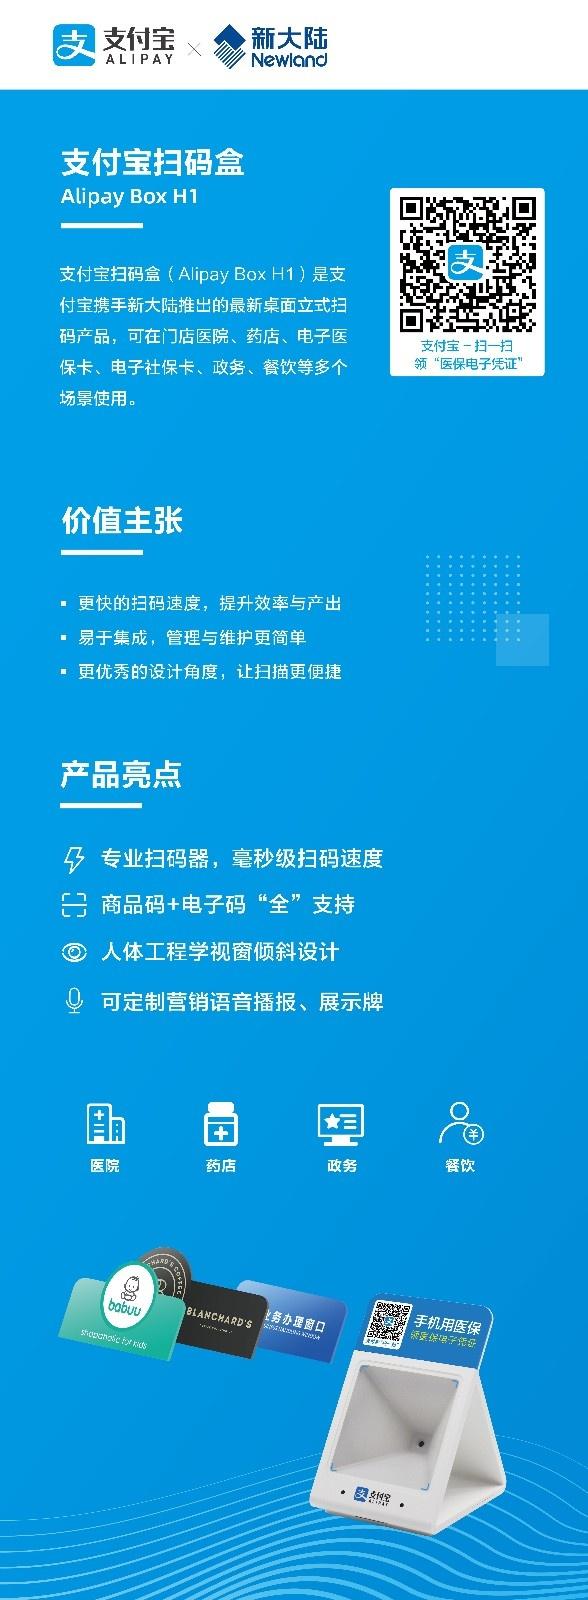 支付宝扫码盒Alipay Box H1-5-191118新版-竖版-01.jpg